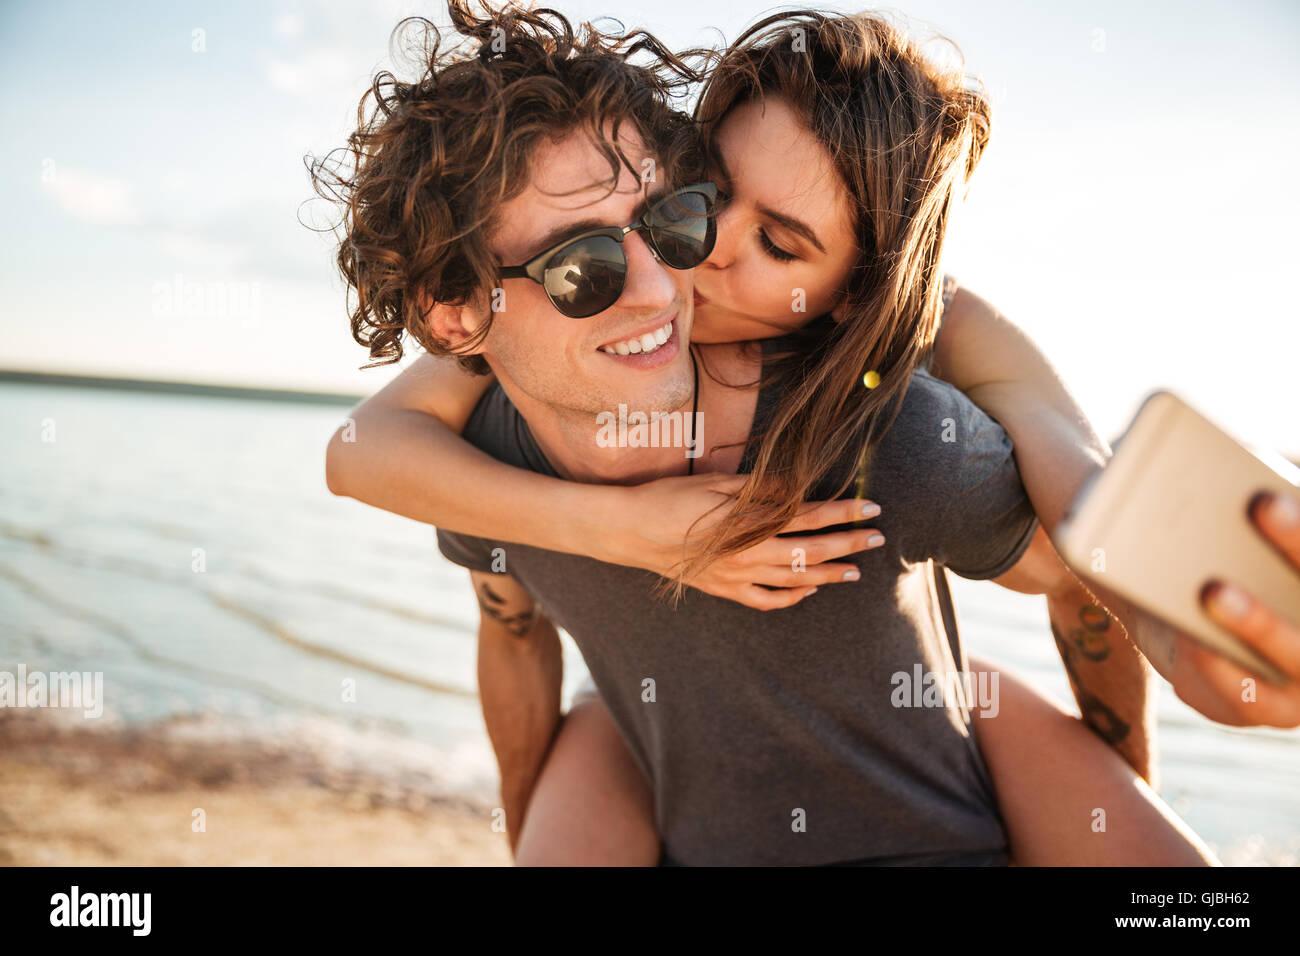 Junge glückliche Paar verliebt küssen und machen Selfie am Strand, Huckepack Reiten Stockbild